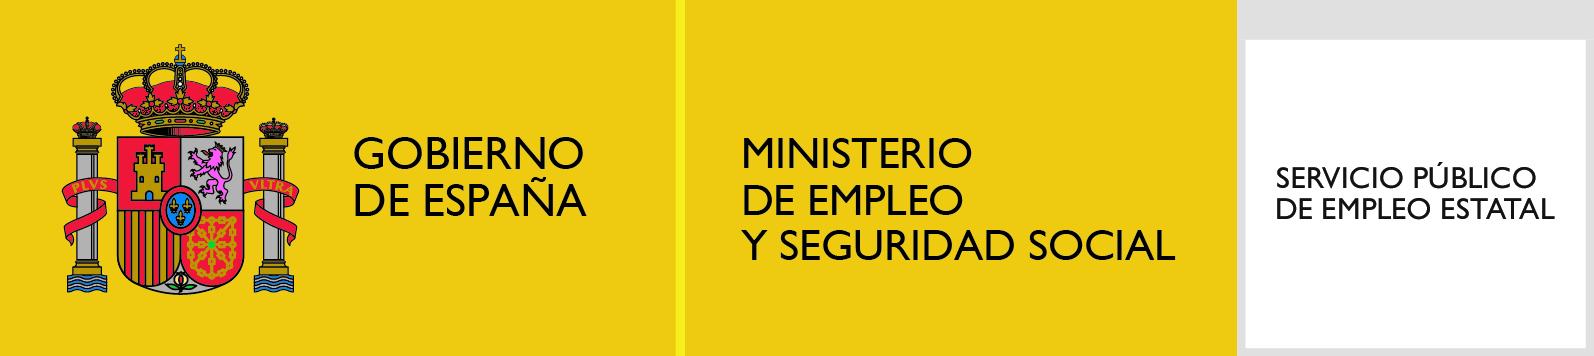 File:Logotipo del Servicio Público de Empleo Estatal SEPE España.jpg -  Wikimedia Commons